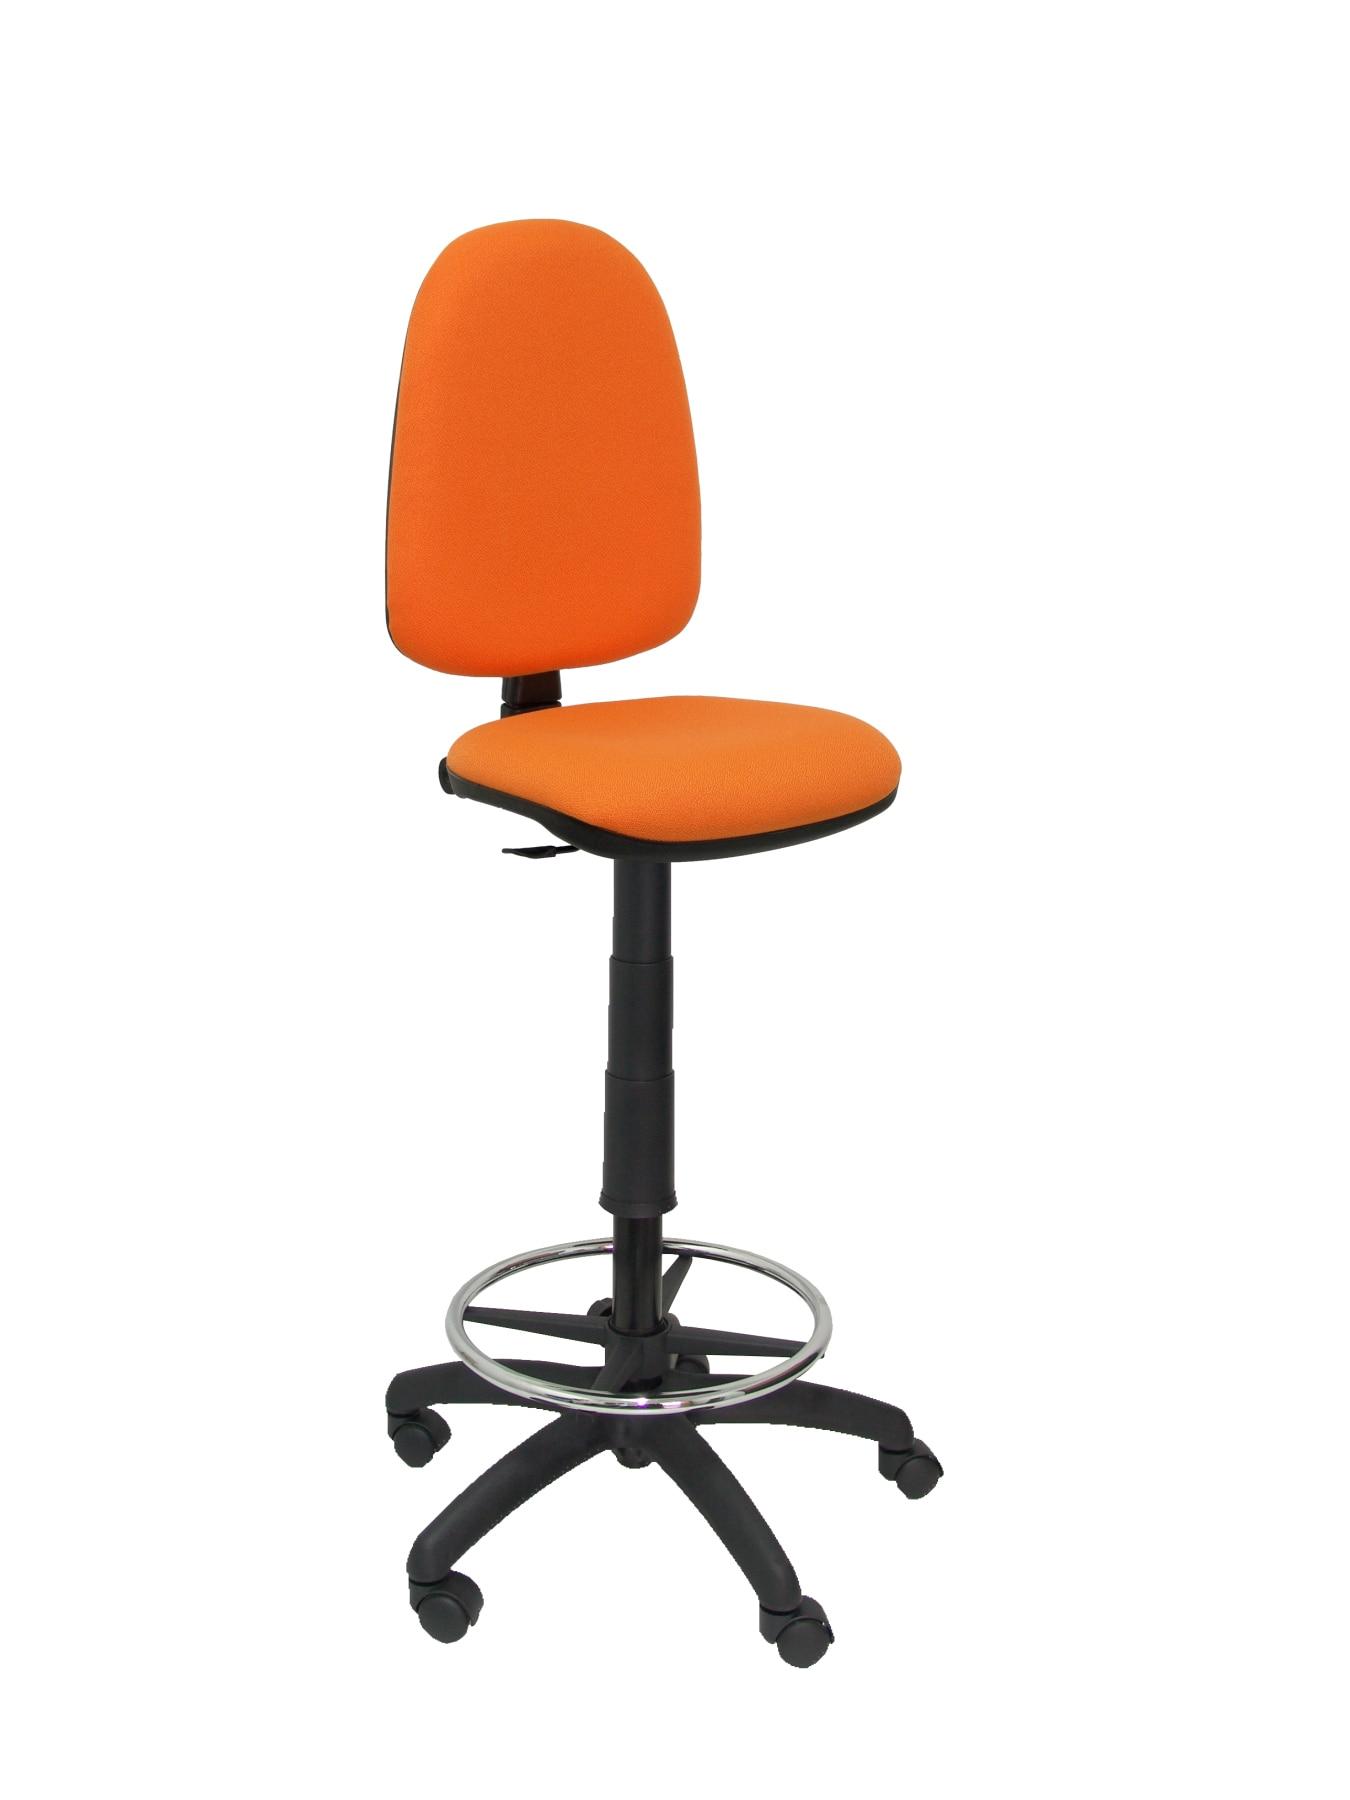 Mobilya'ten Tabureler ve Ayak İskemleleri'de Dışkı ergonomik kalıcı İletişim evi mekanizması  kısılabilir yüksek irtifa ve çember ayak mandalları yukarı koltuk ve geri döndürmez dokunun